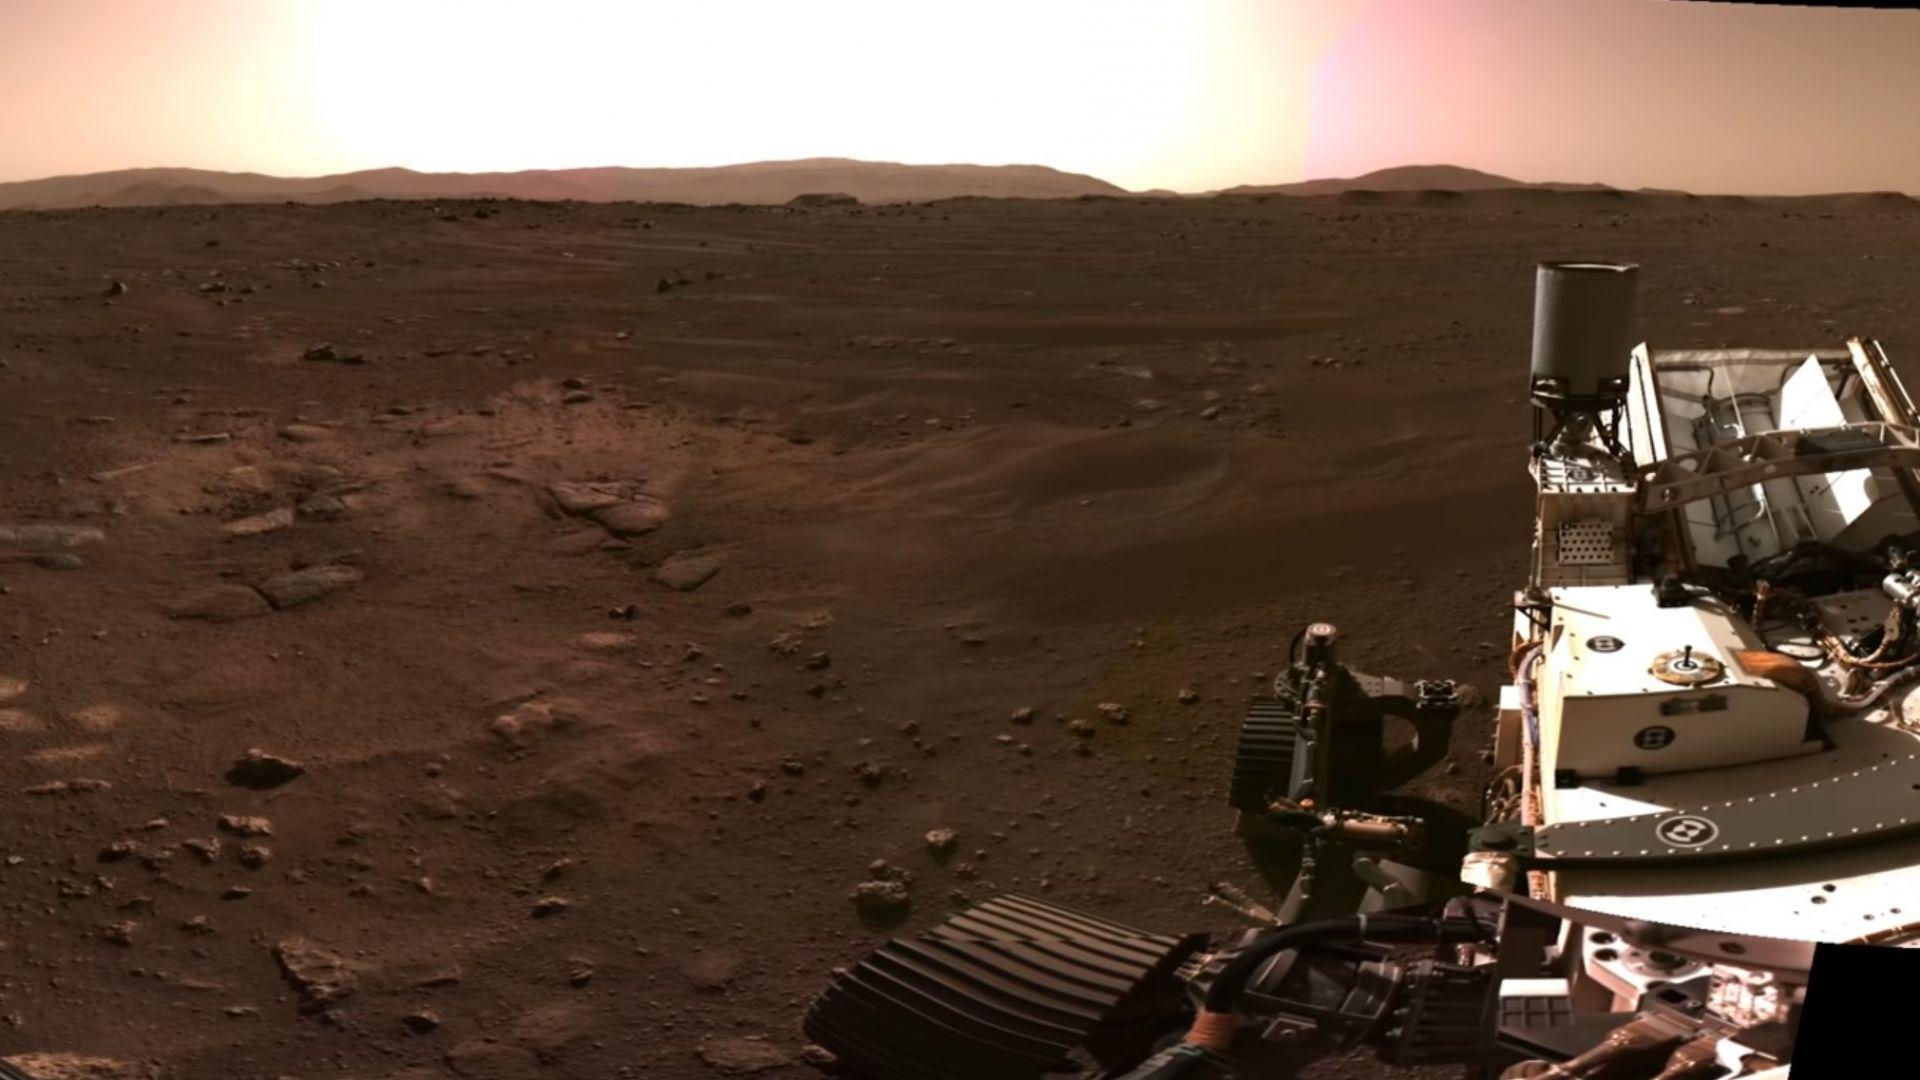 НАСА ще дава индиански имена на новите открития на Марс